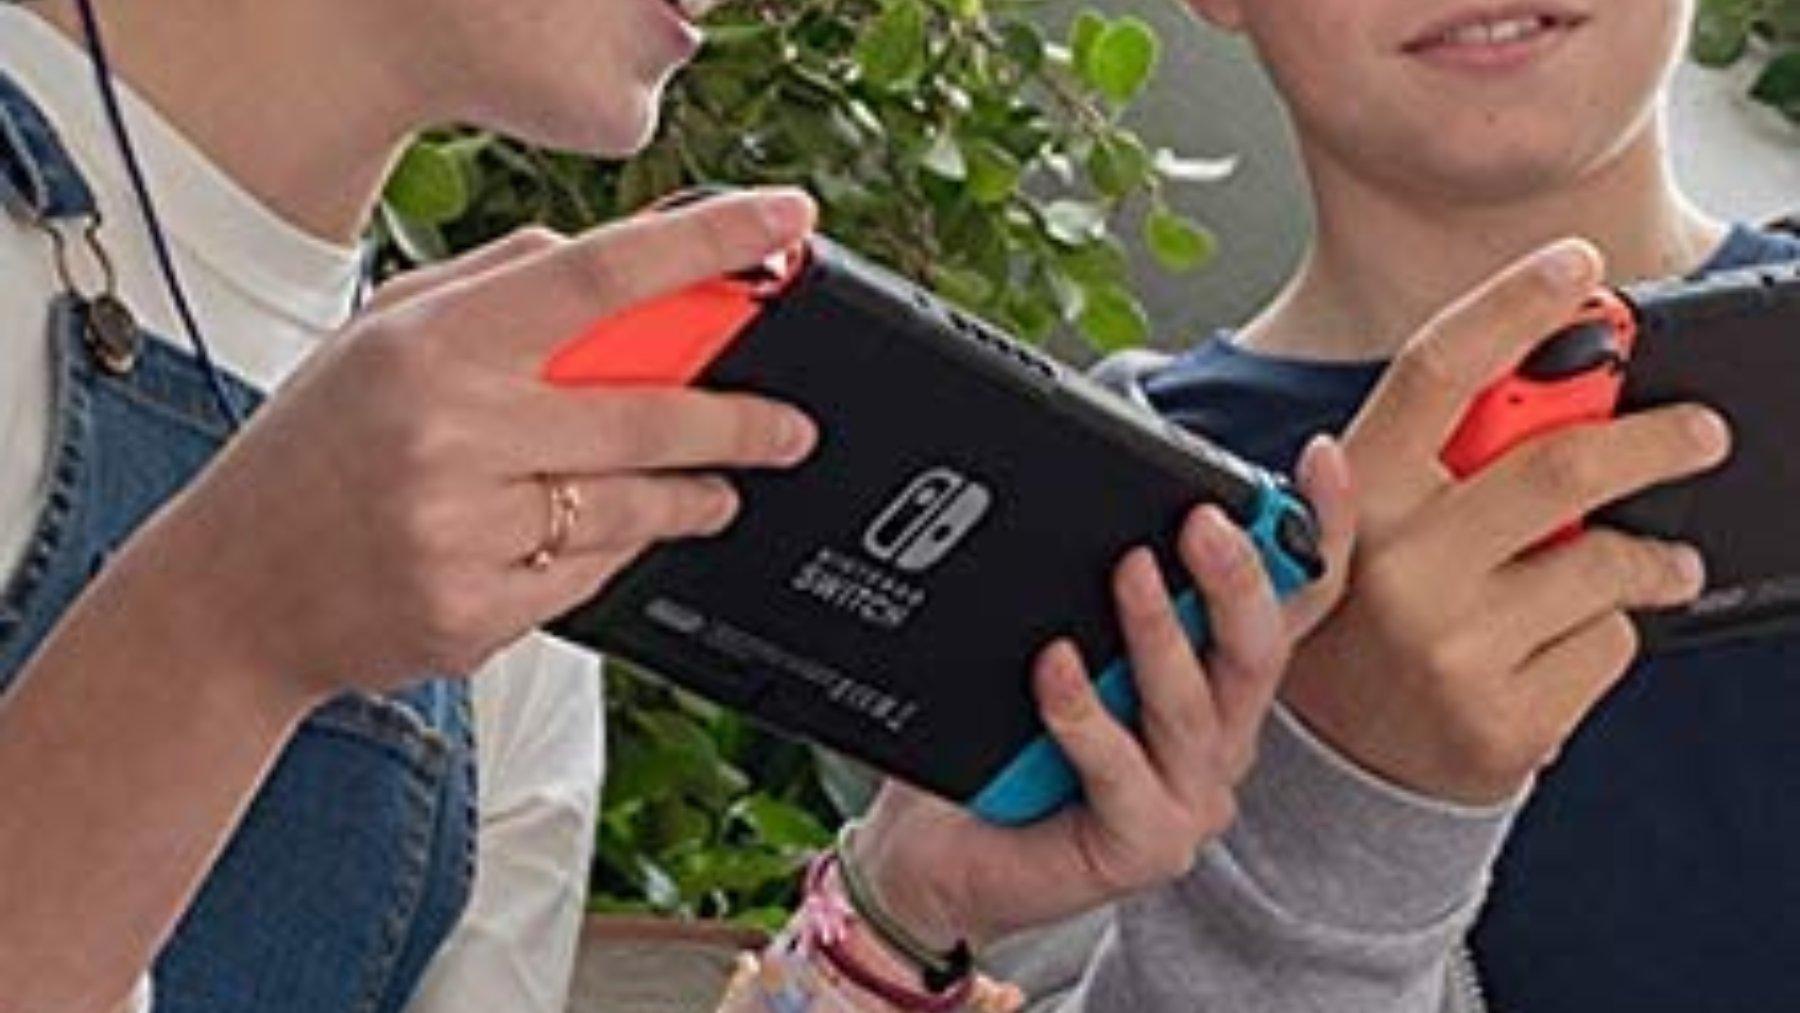 ¿Tendrá descuento la Nintendo Switch en Amazon Prime Day 2021?